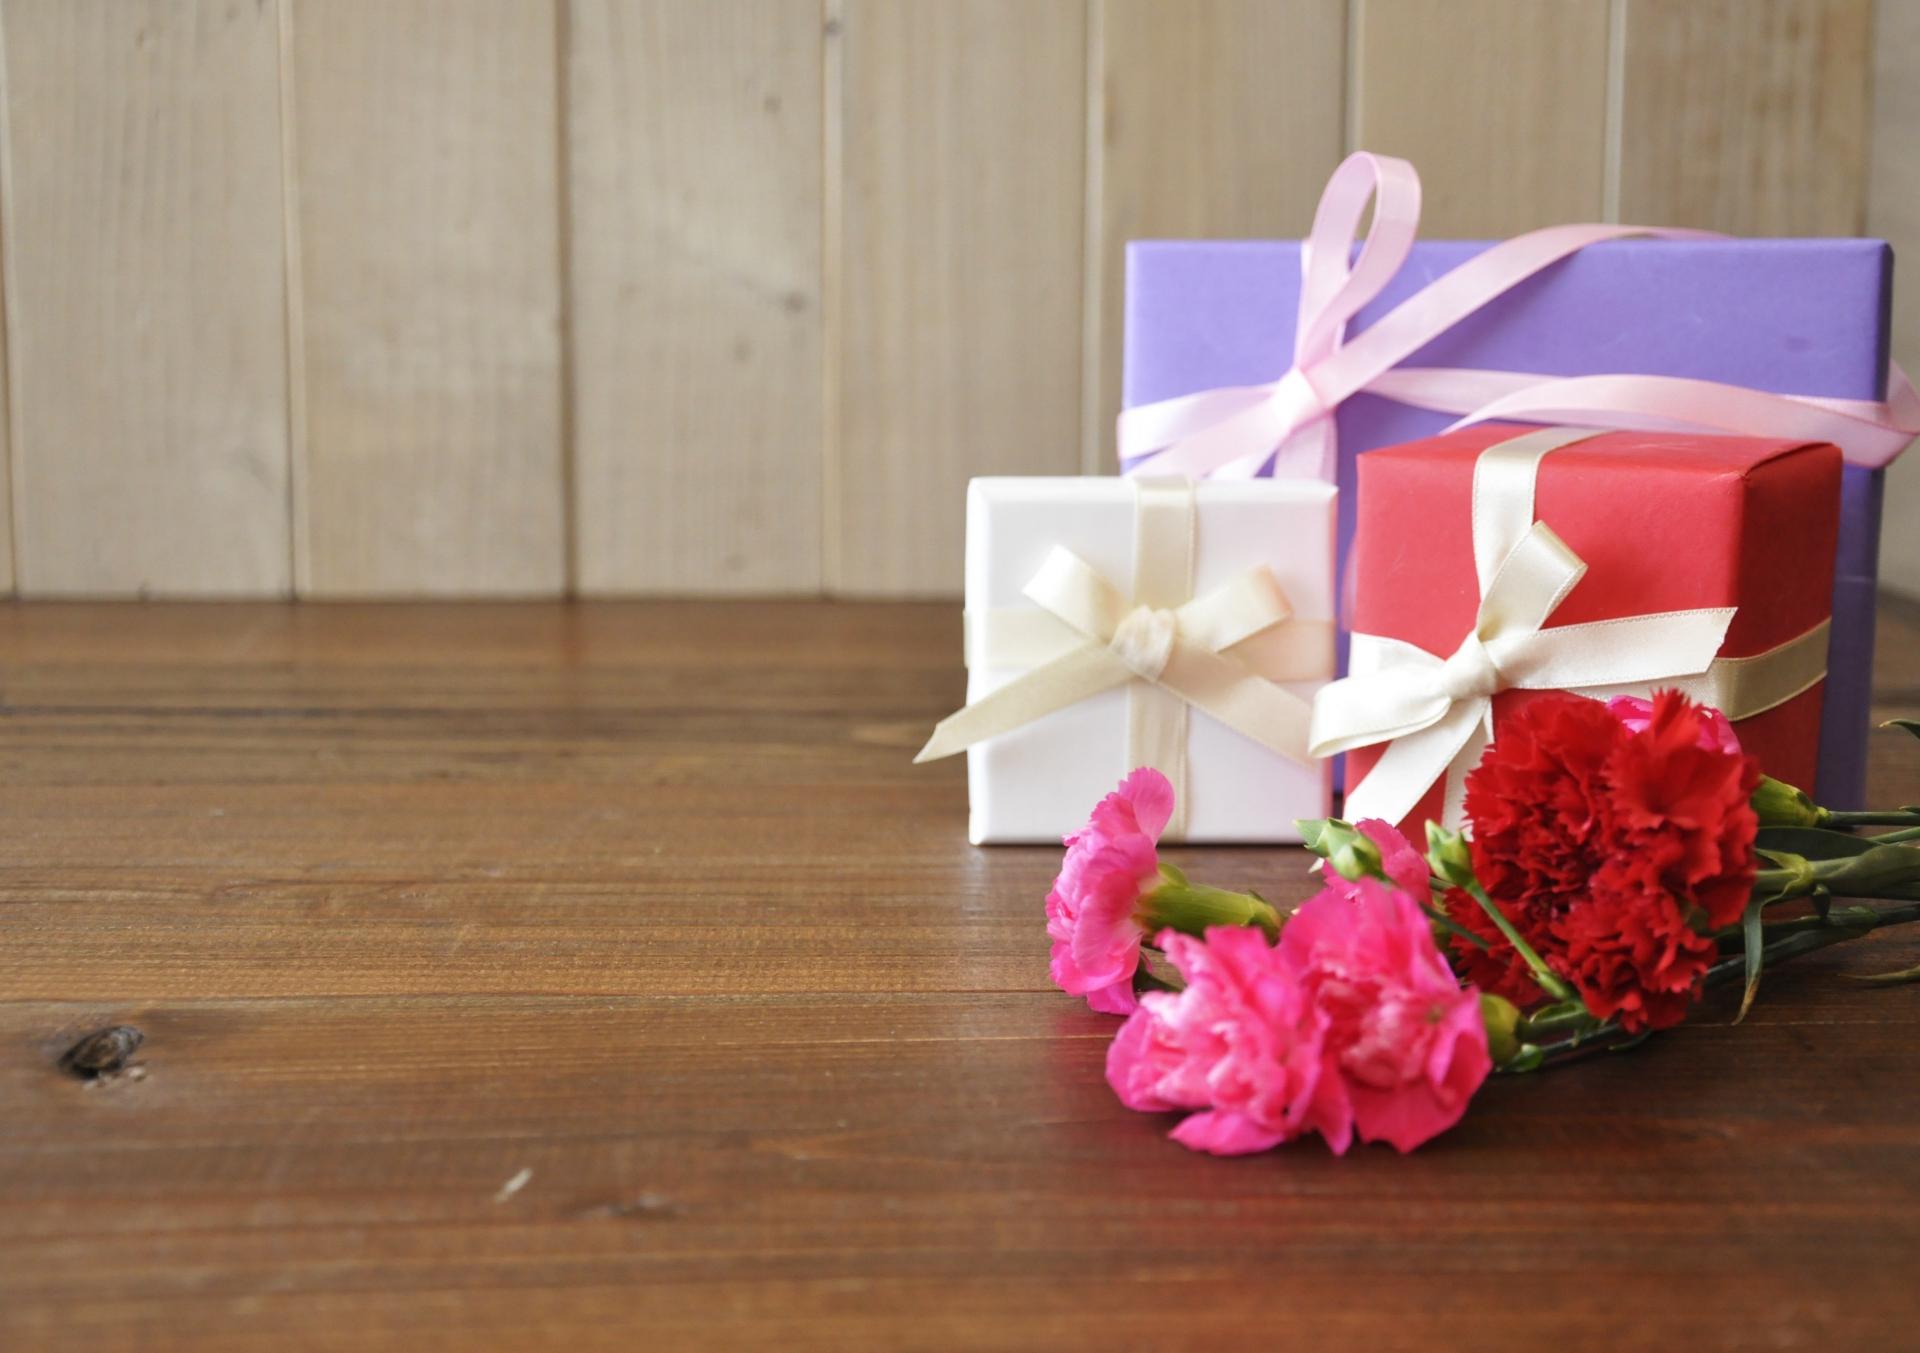 2000円で10代の彼女が喜ぶプレゼントおすすめ5選!記念日に